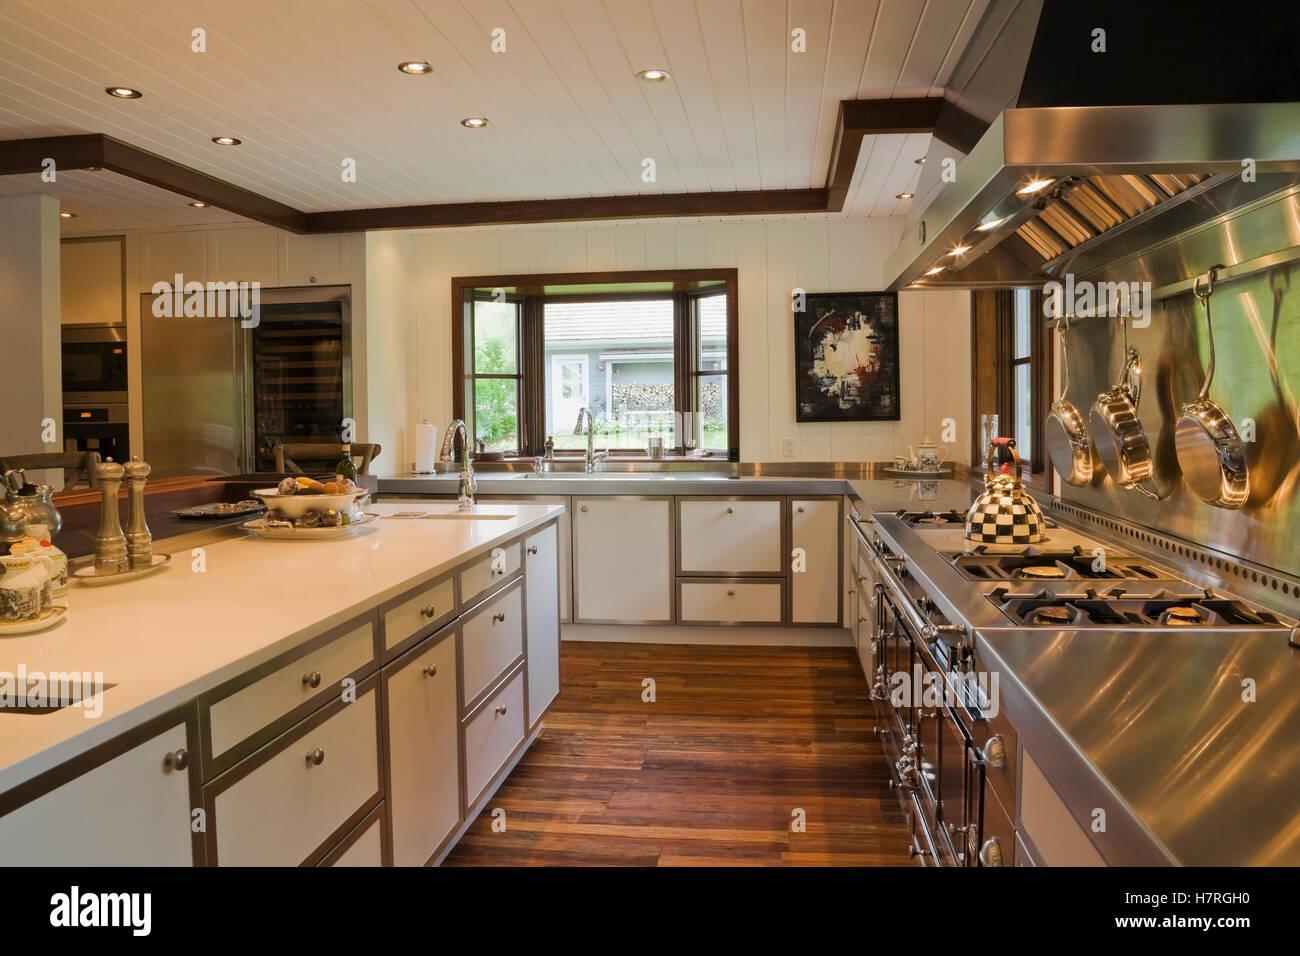 Ziemlich Blockhaus Stil Küche Designs Bilder - Küche Set Ideen ...